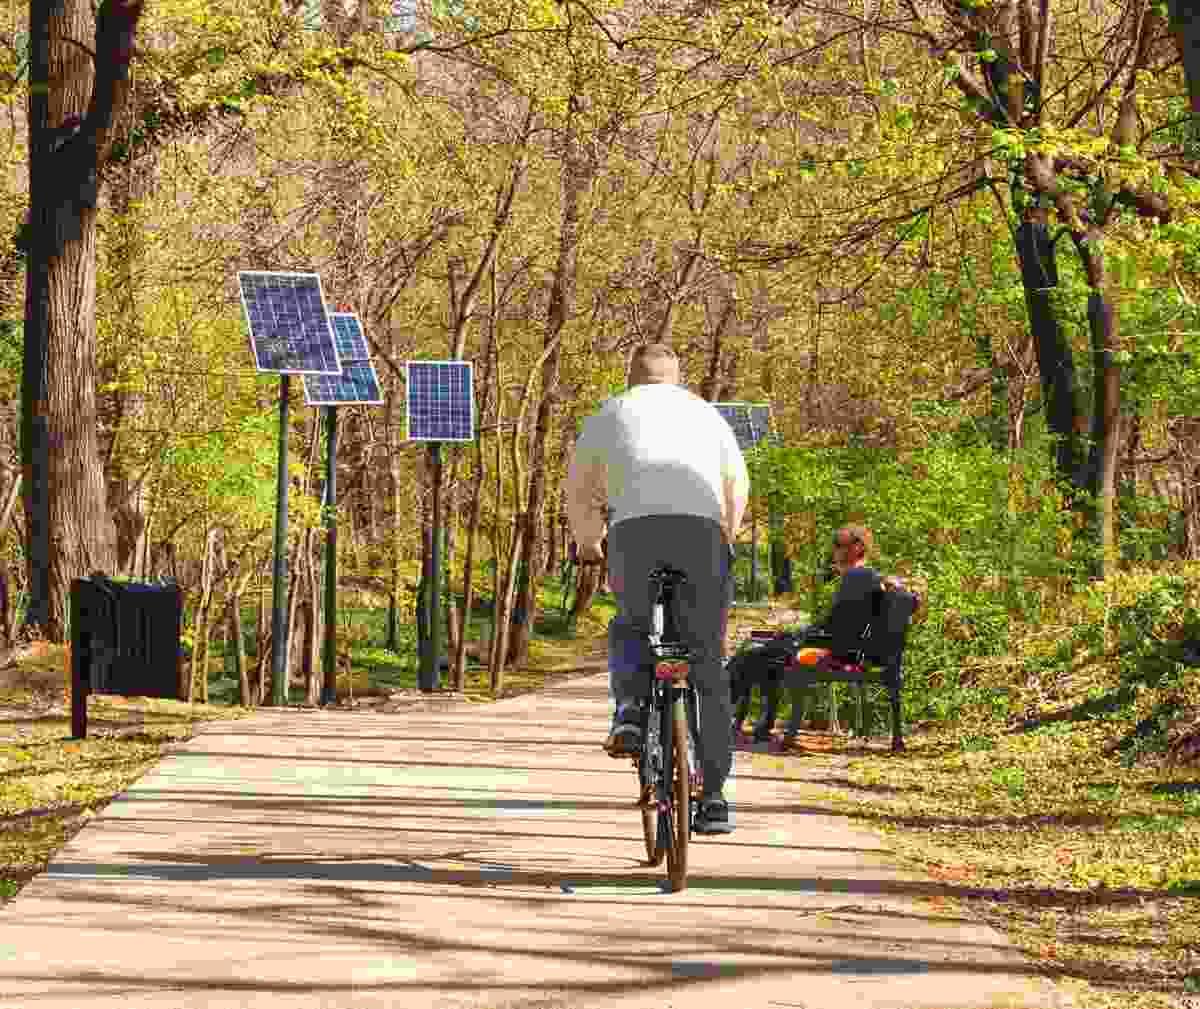 Enjoy a bike ride through the park (Shutterstock)